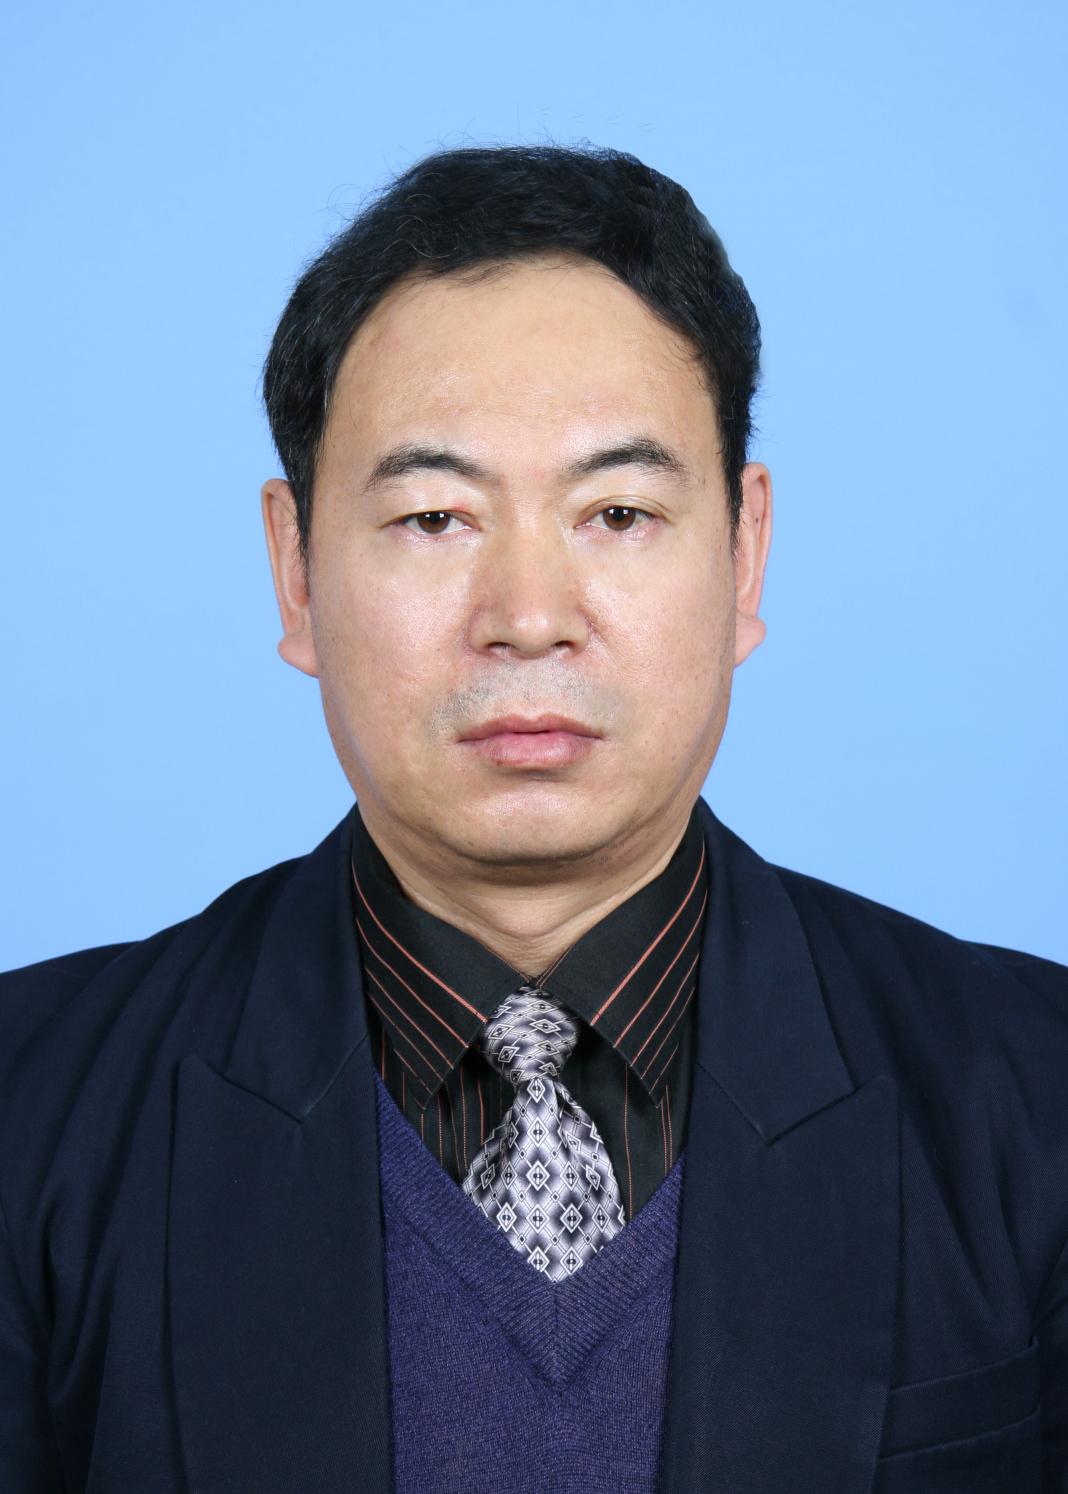 赵鹤亭的客户评价_太平洋保险萨尔图保险专家_沃保网